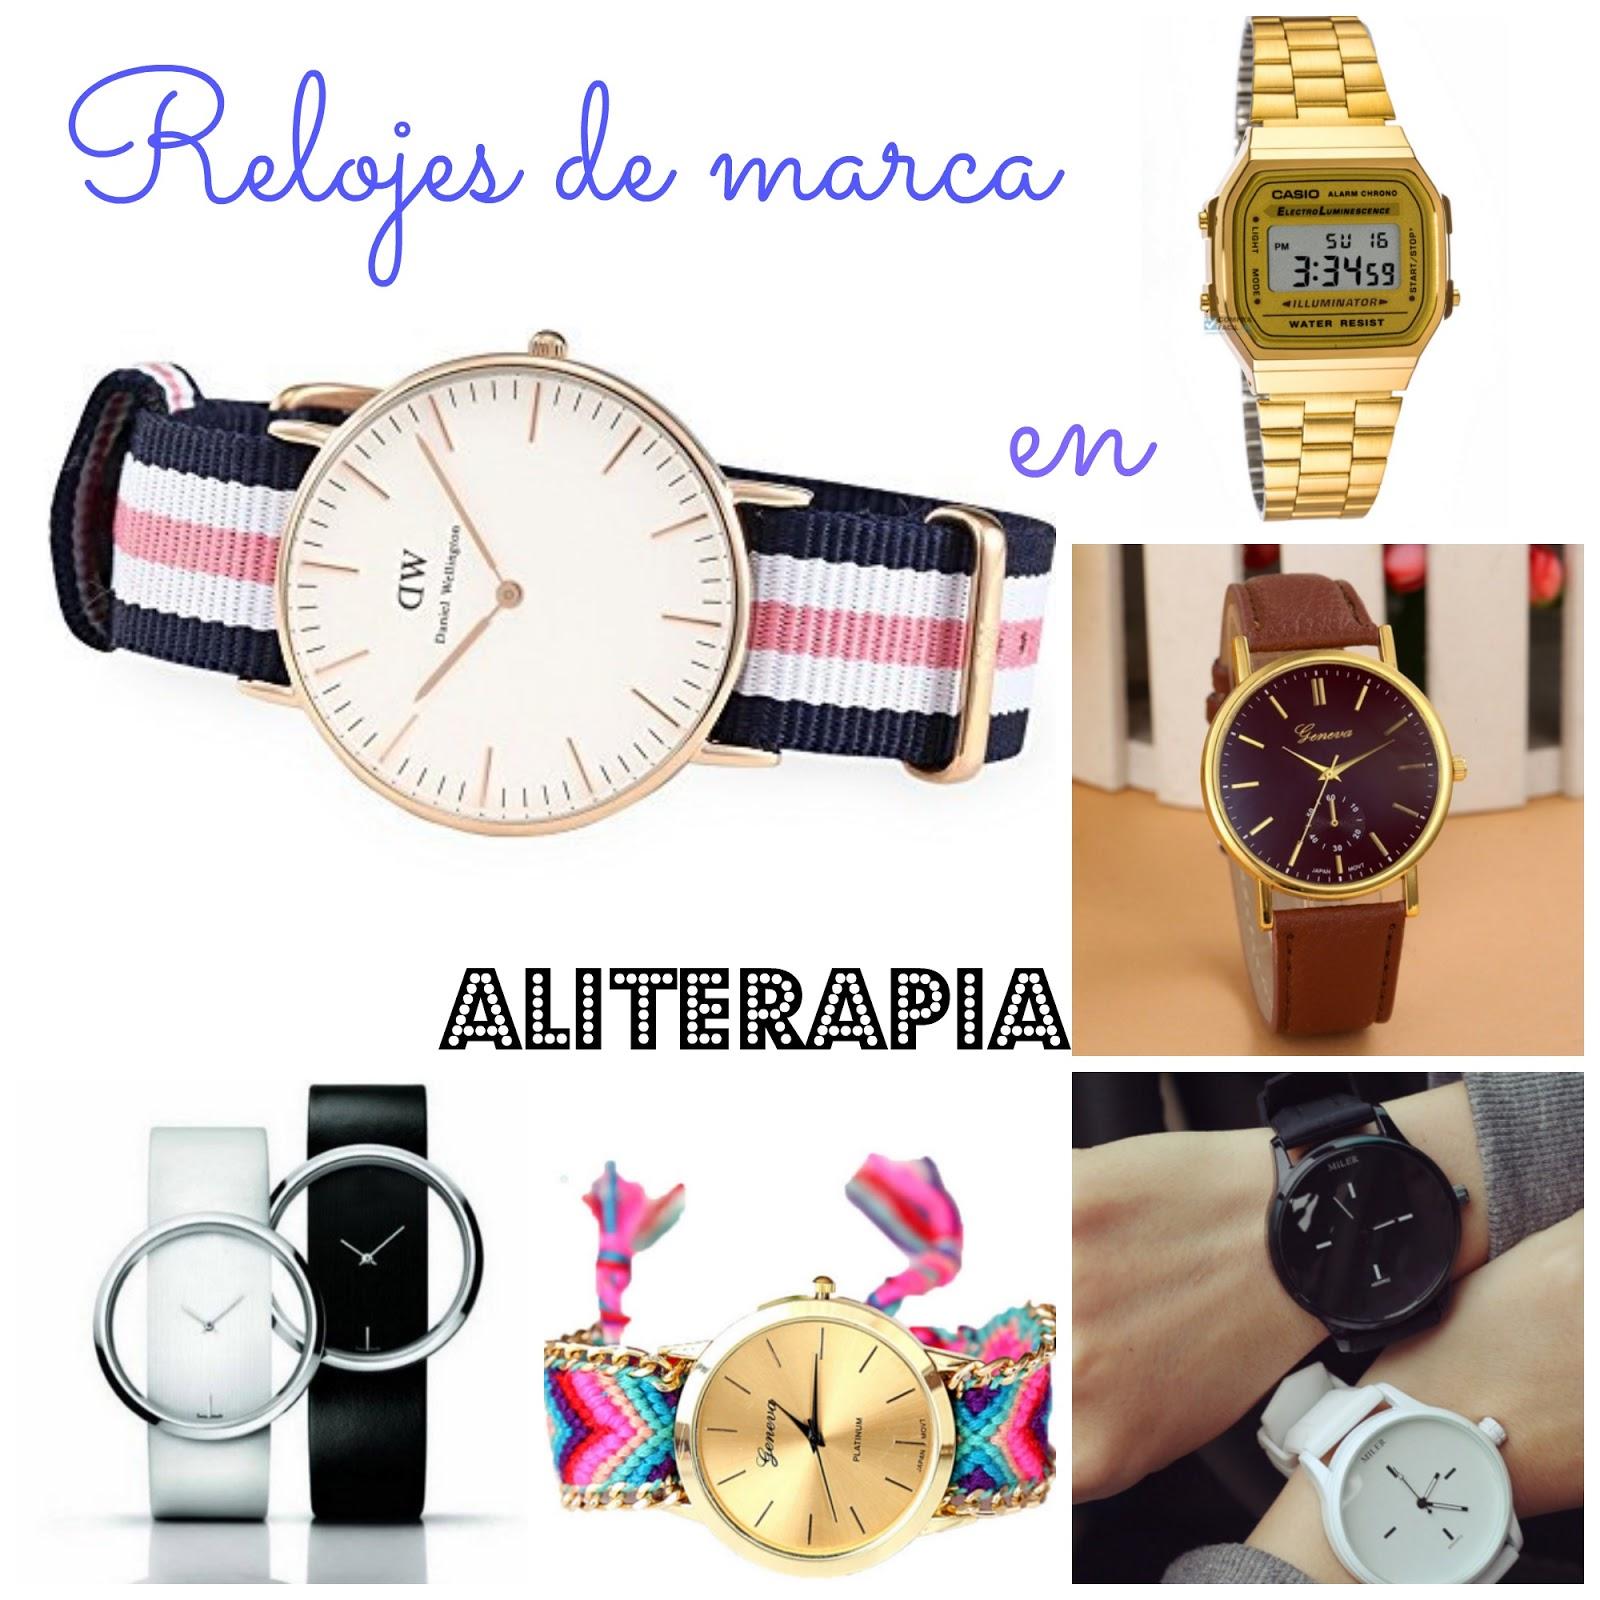 72b9af4c55d4 Aliterapia  Relojes de marca en Aliexpress!!